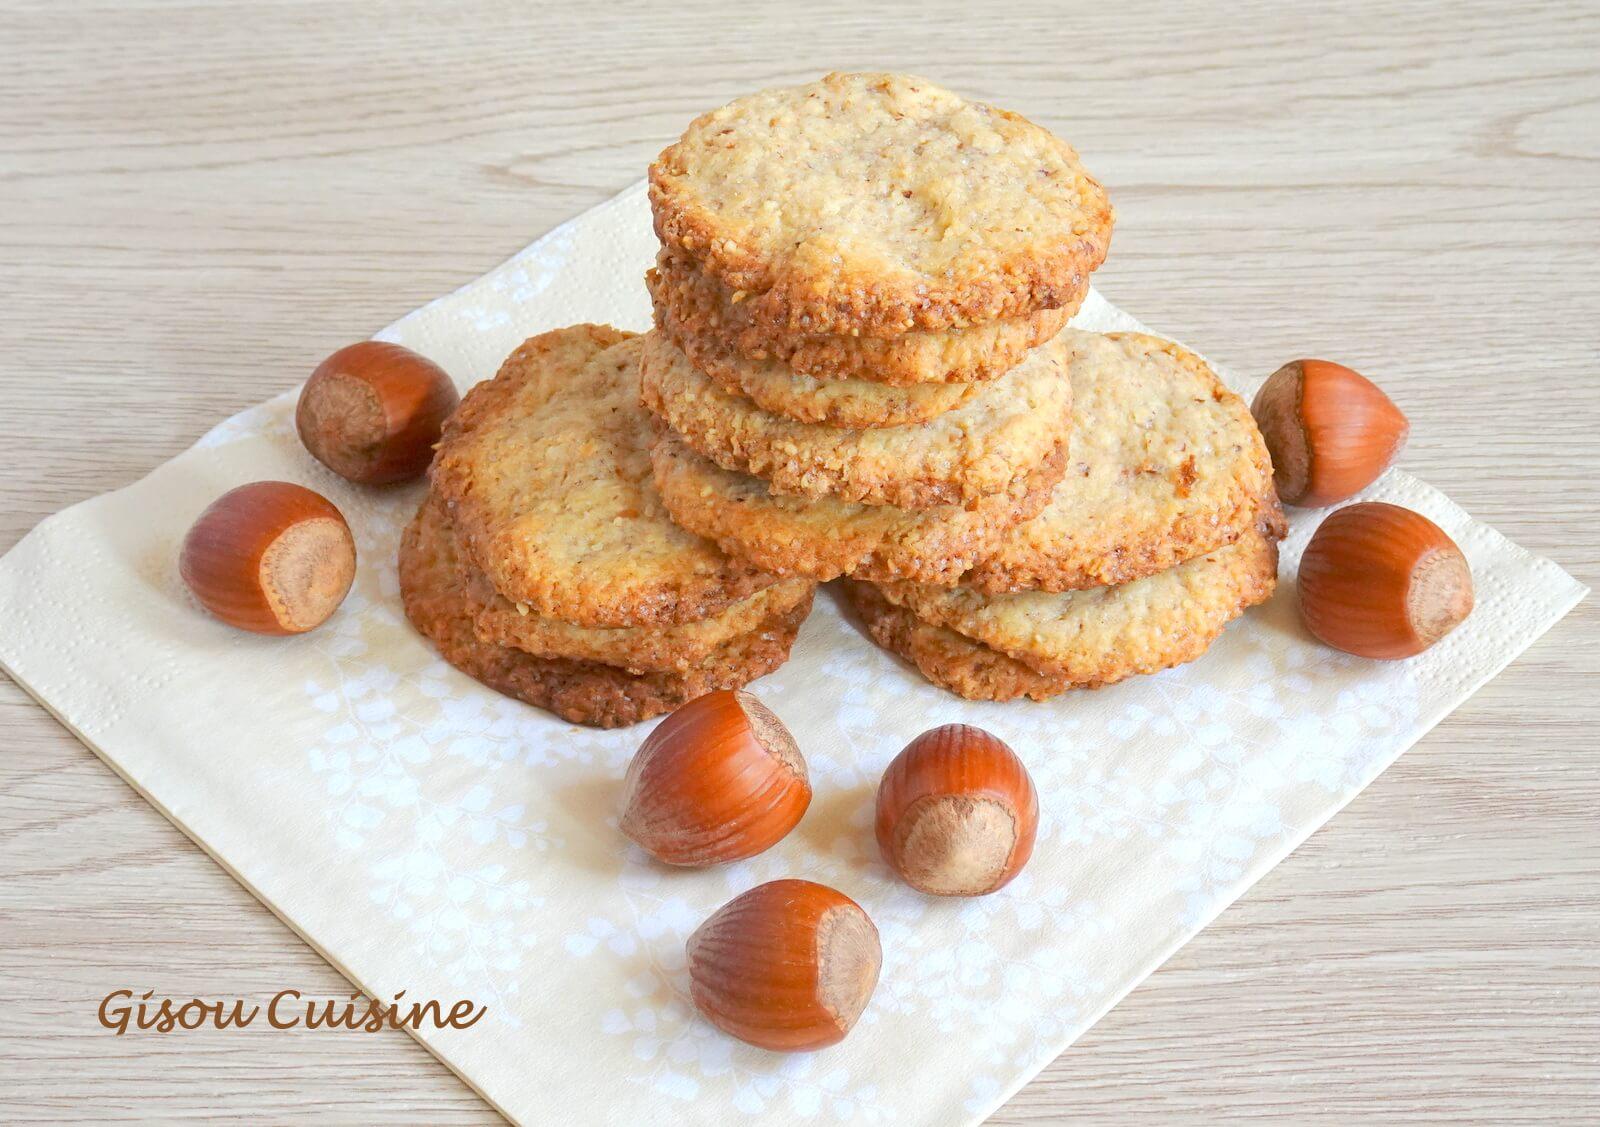 biscuits croustillant aux noisettes sans oeufs